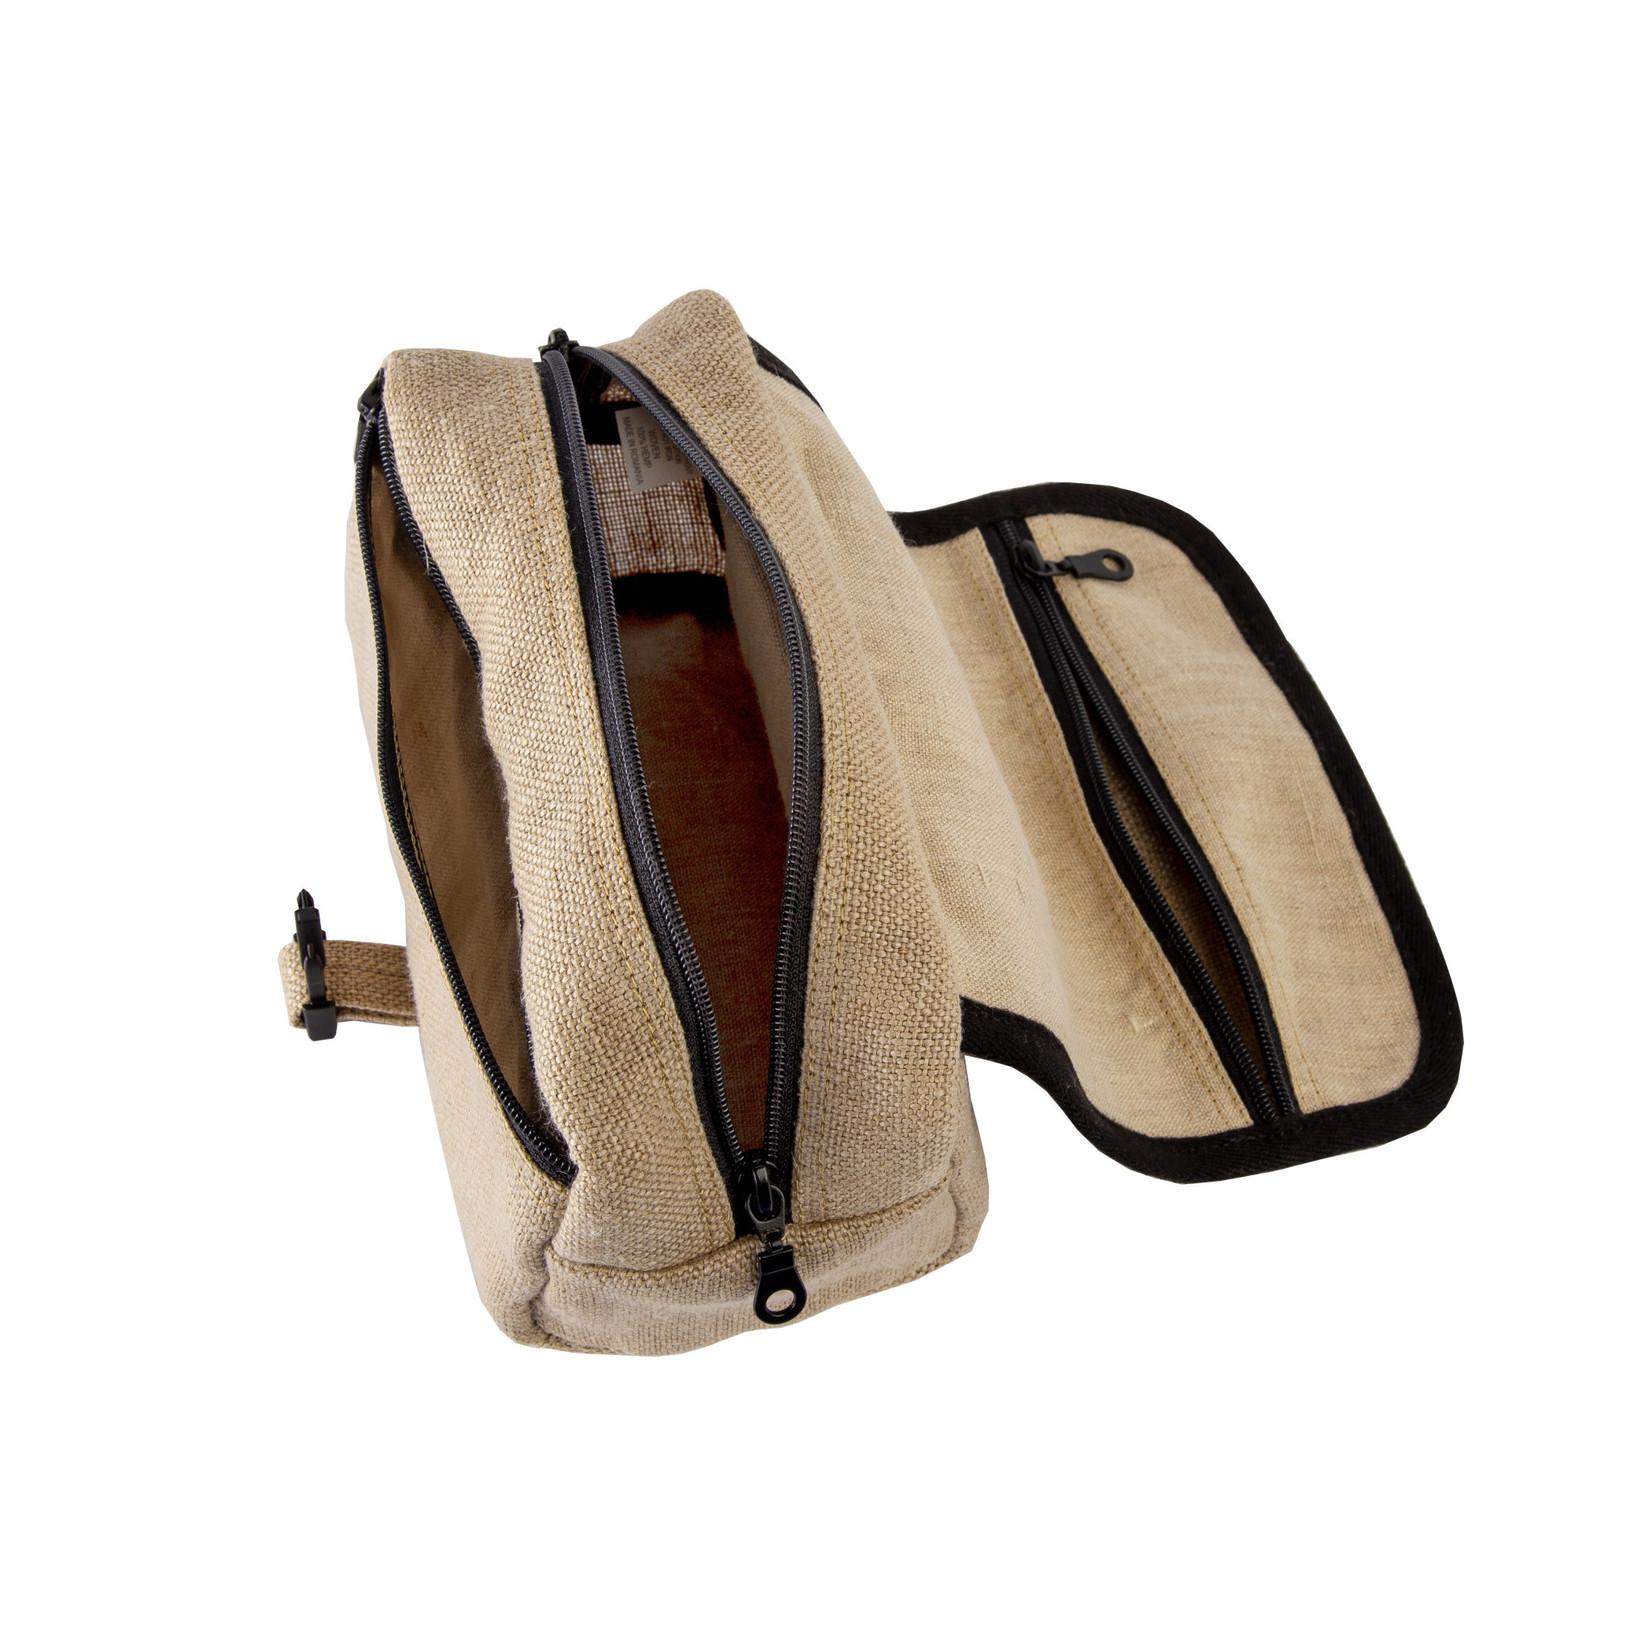 Hempy's Hemp Toiletry Bag